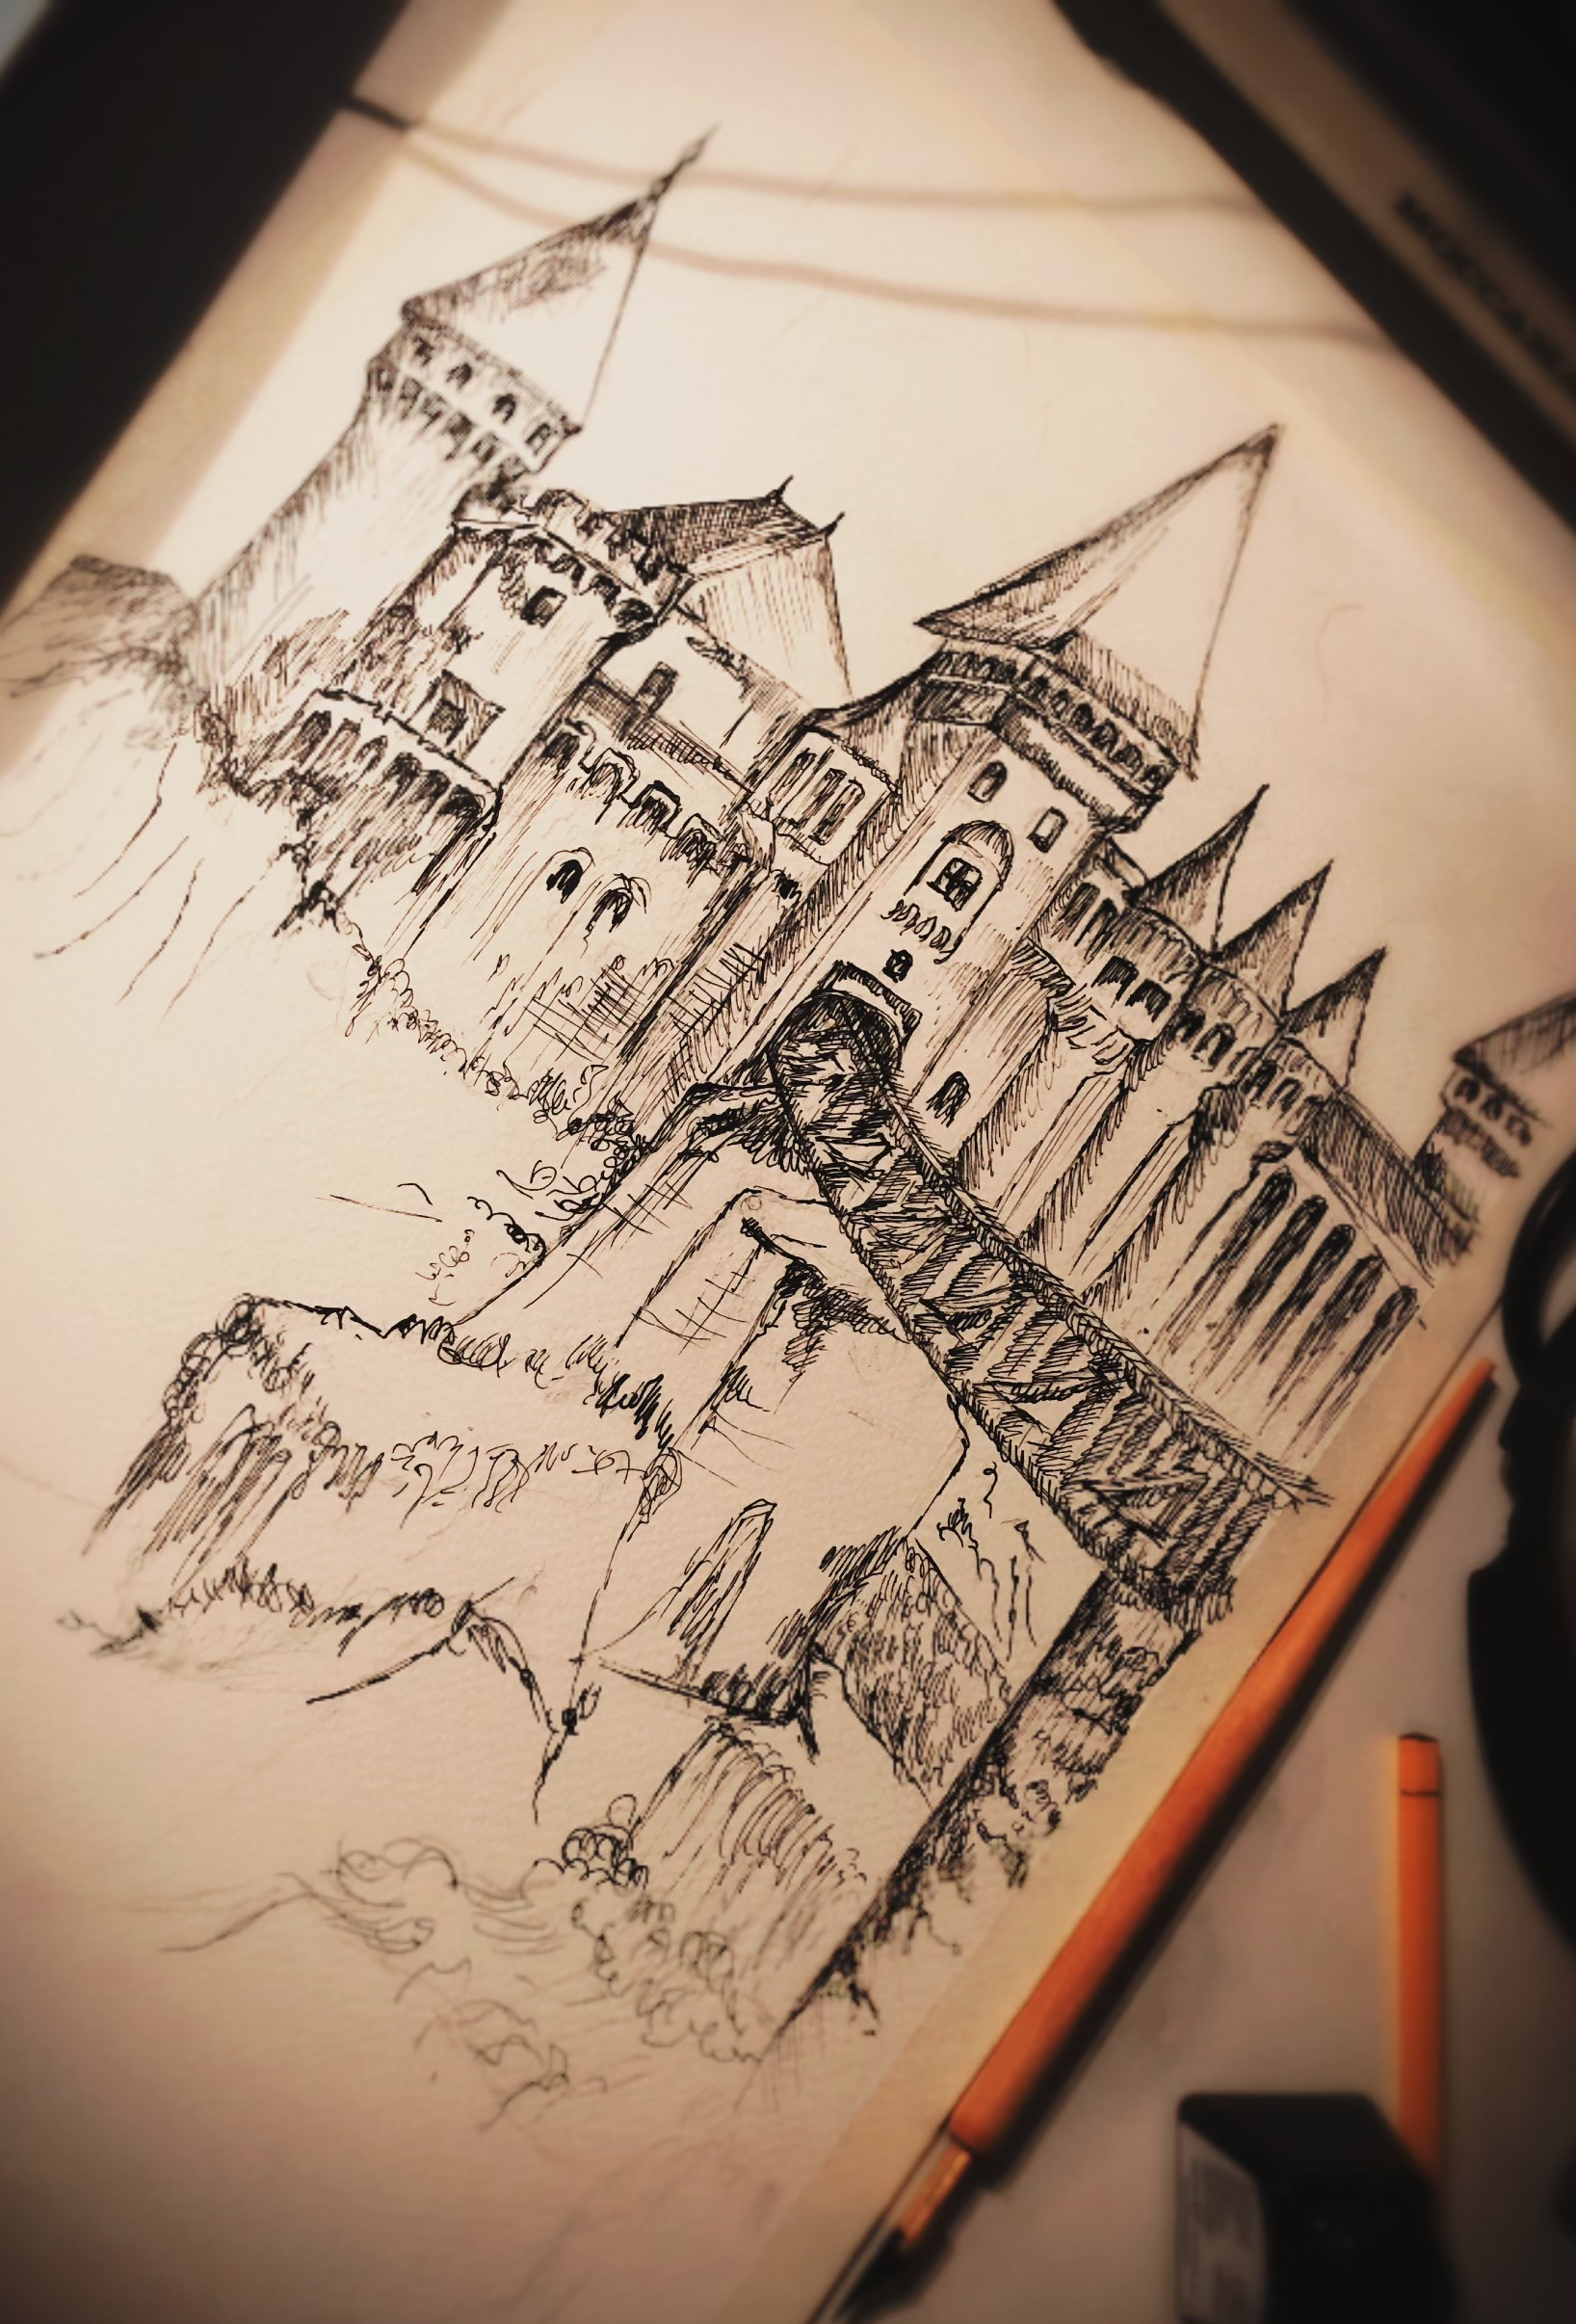 taidekurssi-mustekynalla-piirtaminen